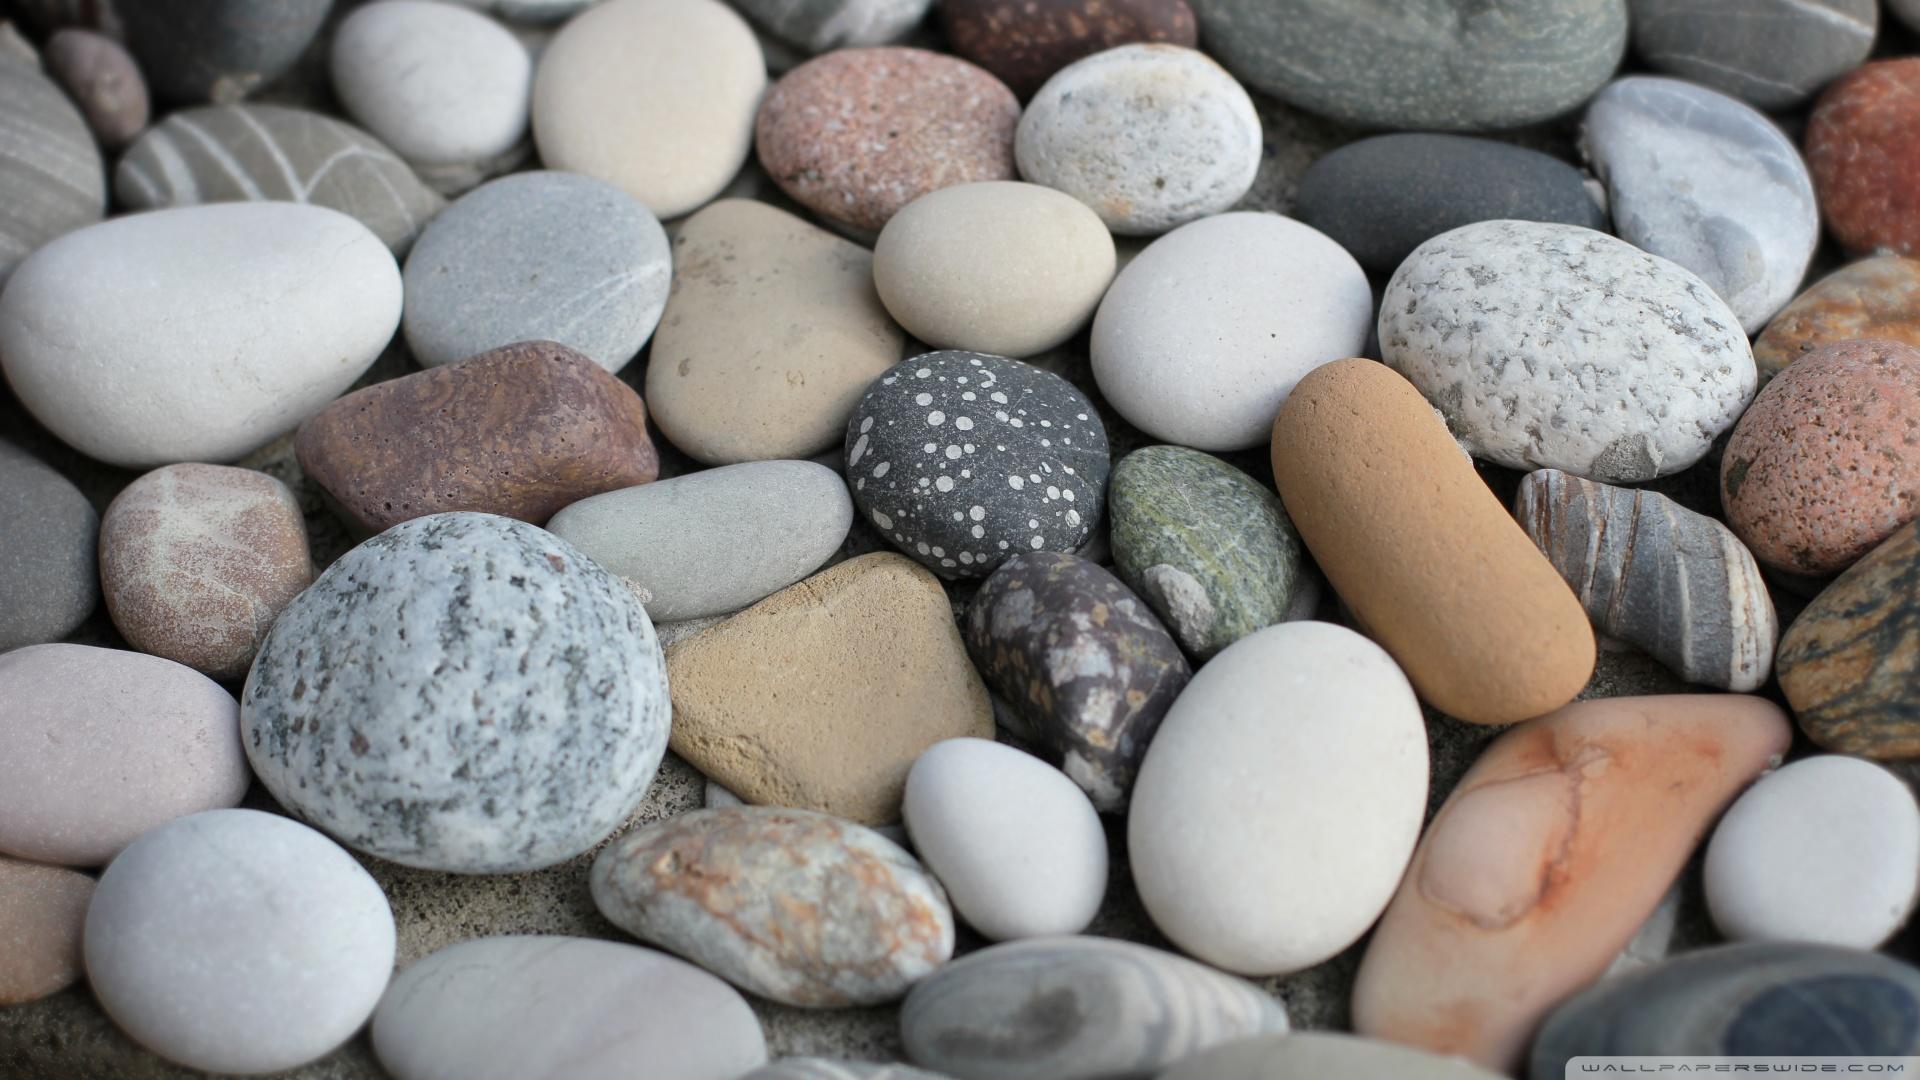 Stones 4 Wallpaper 1920x1080 Stones 4 1920x1080